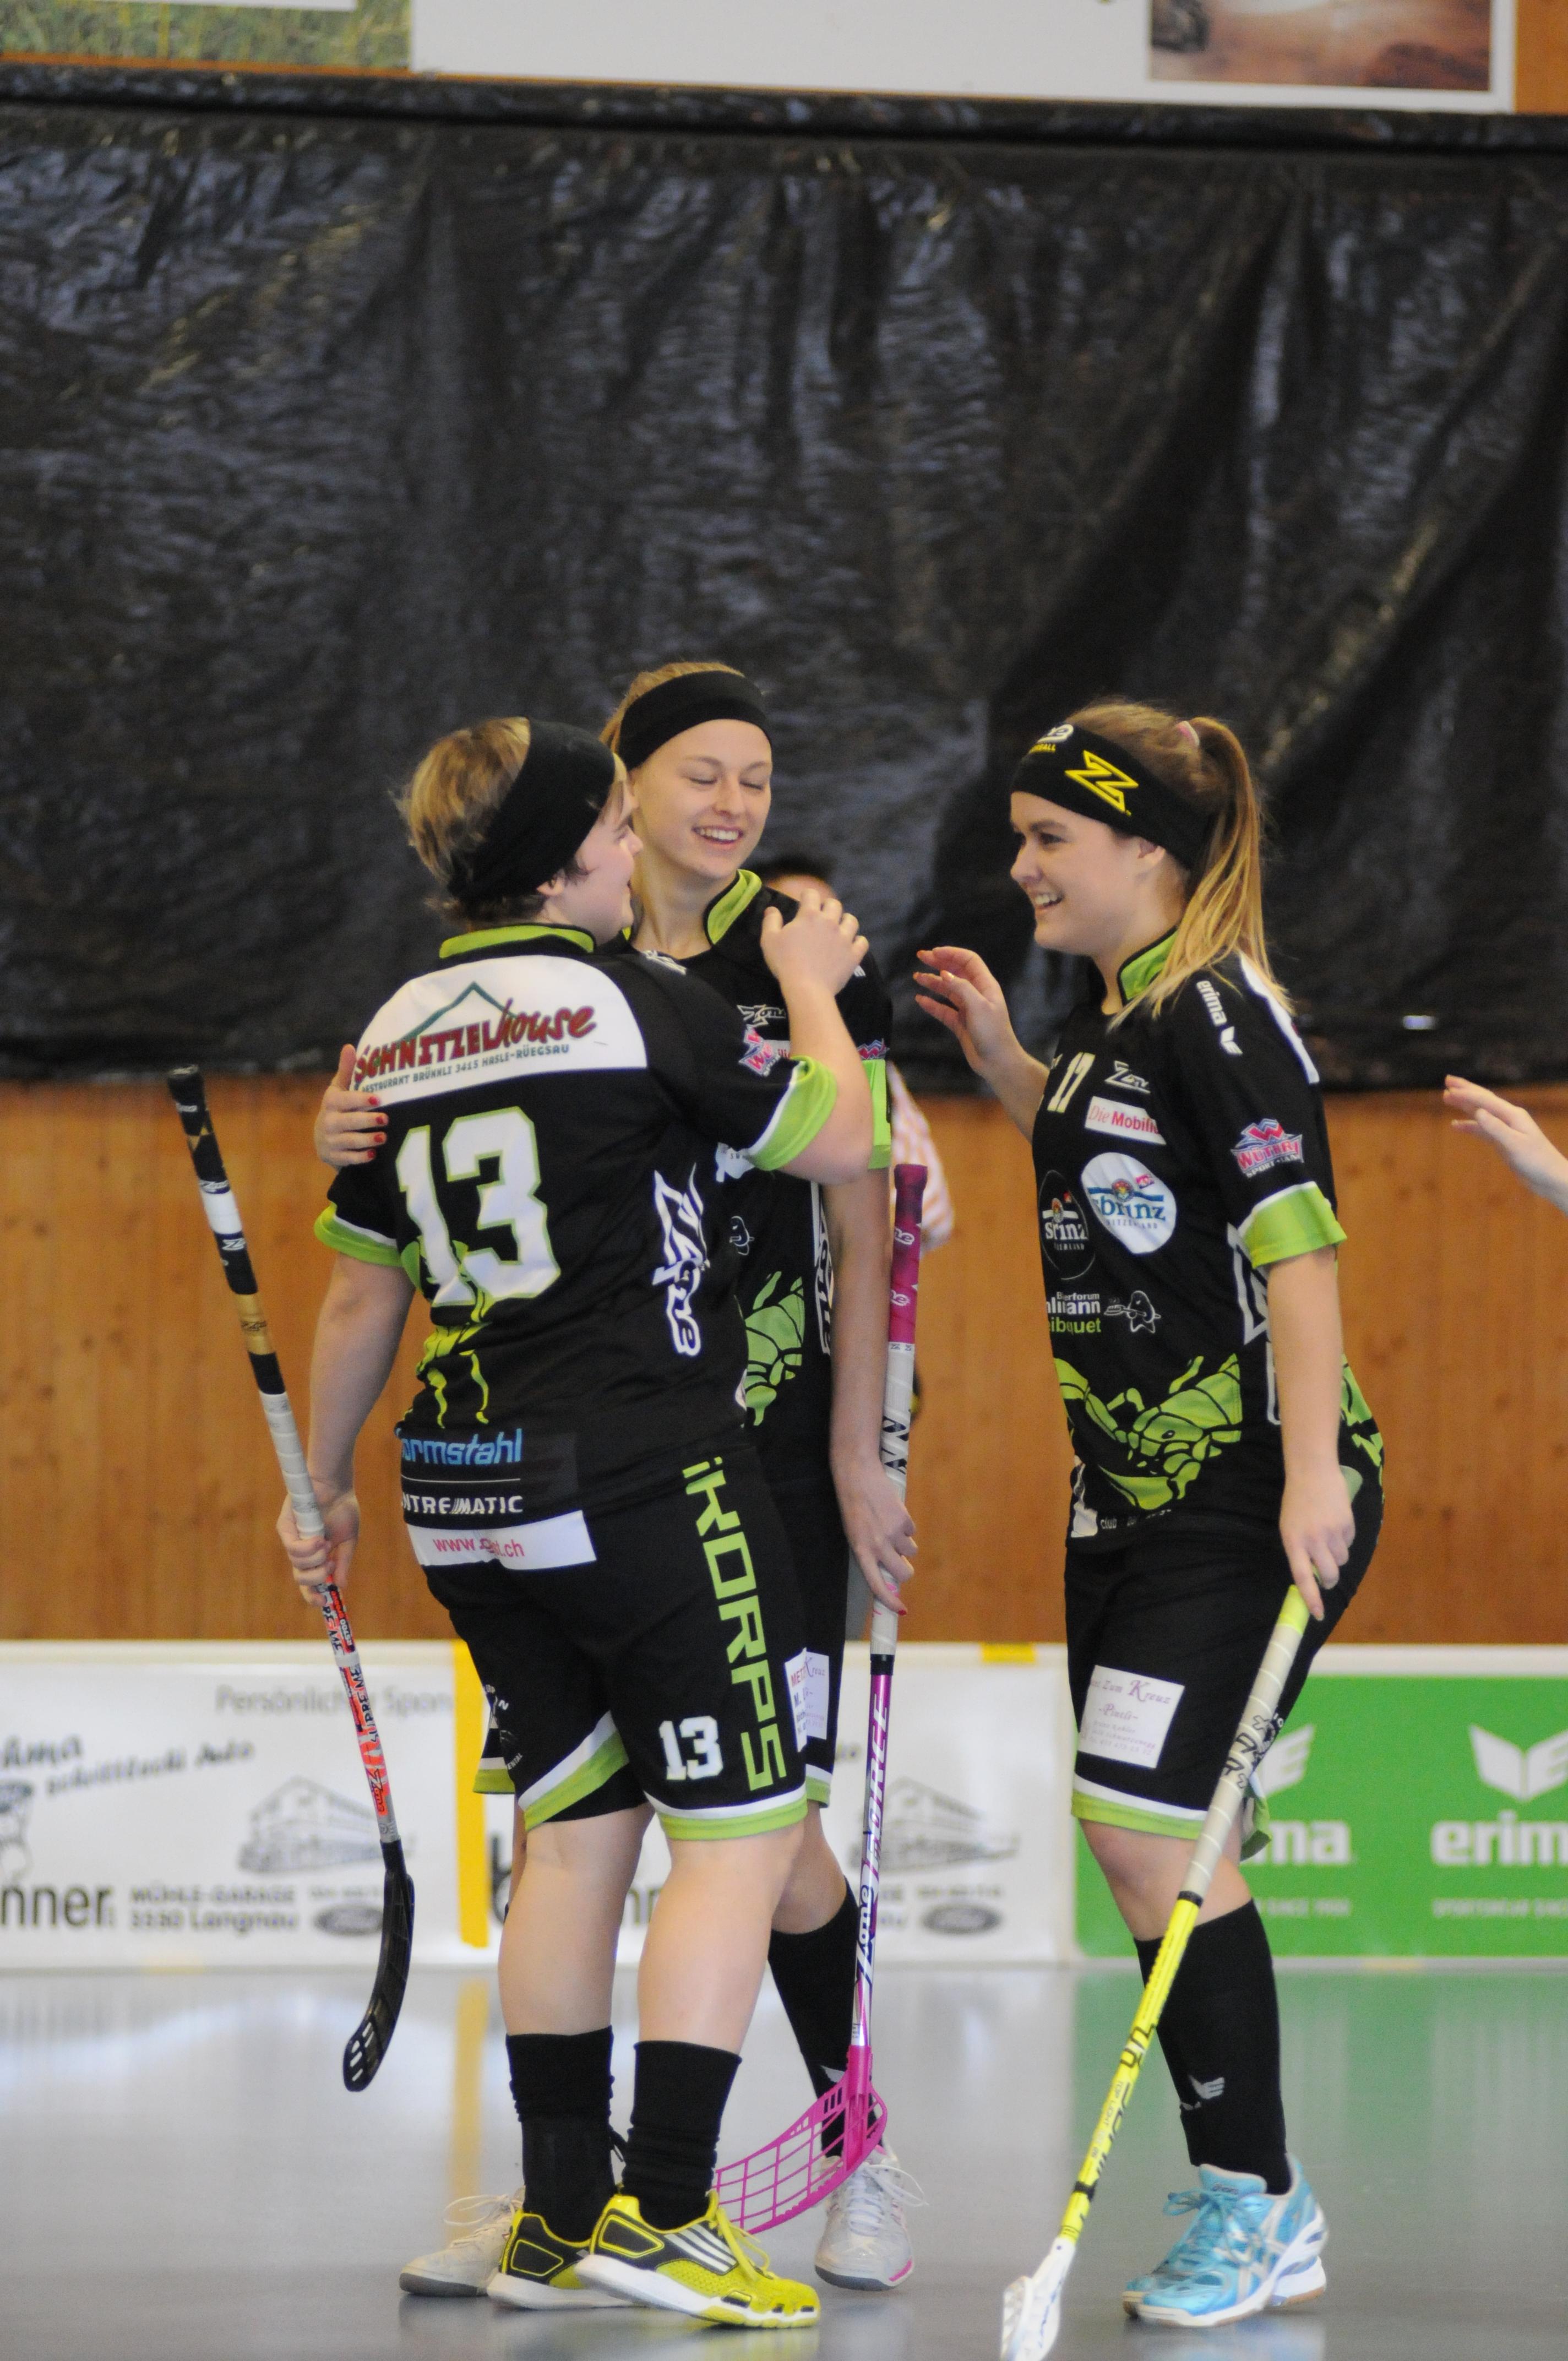 U21A_Floorball Riders_23.11.2013